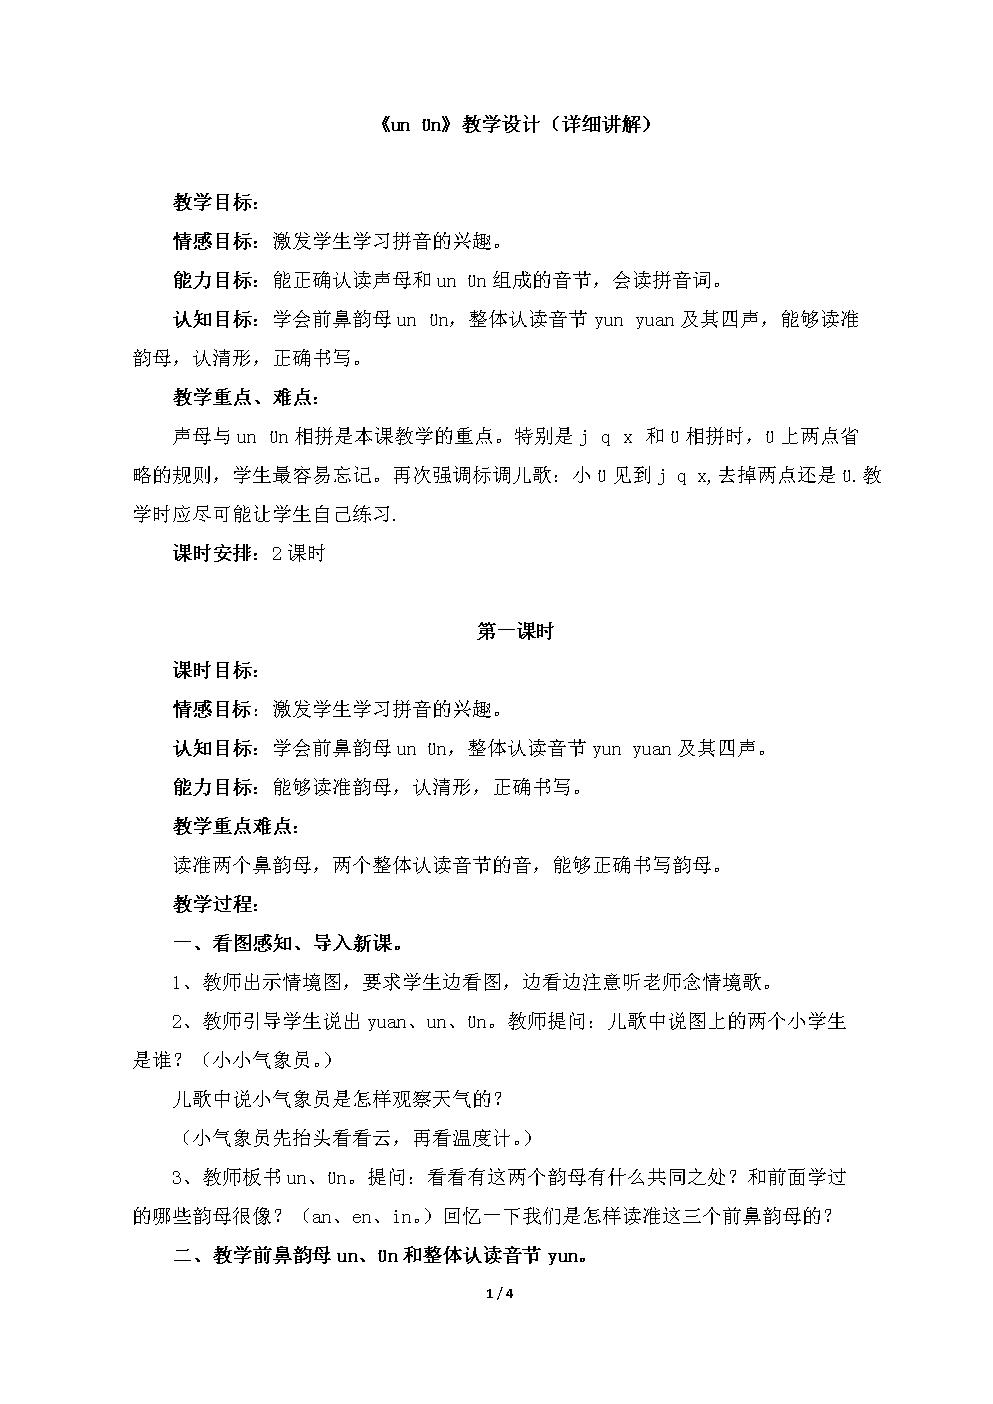 小学一年级语文上册《un_ün》教学设计(详细讲解)(苏教版).doc